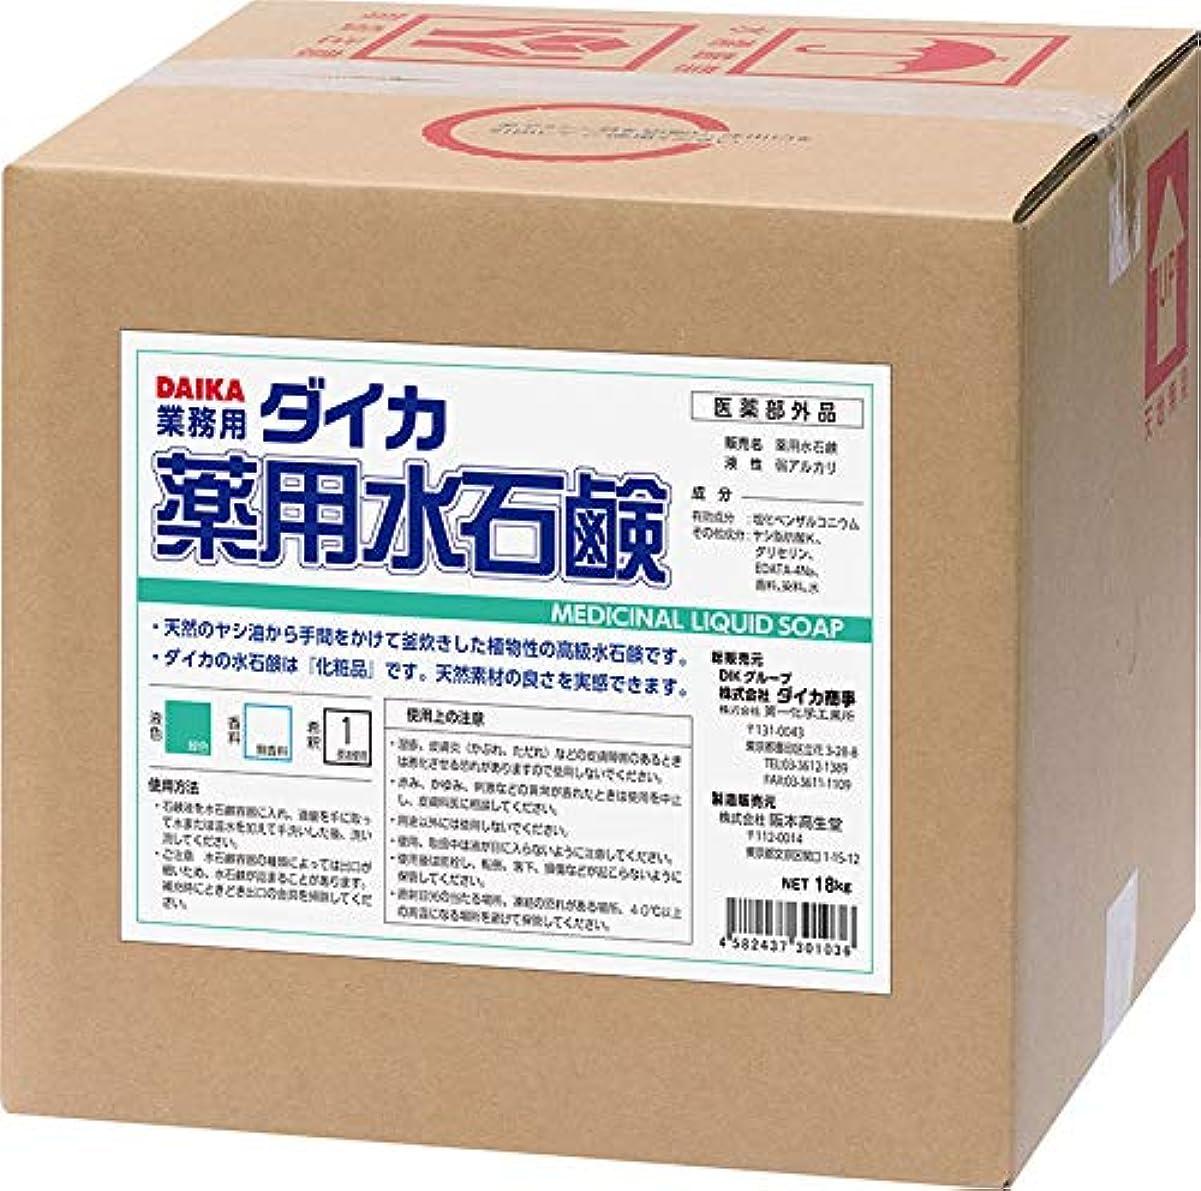 情熱散文論理【医薬部外品】業務用 ハンドソープ ダイカ 薬用 水石鹸 MGN 18kg